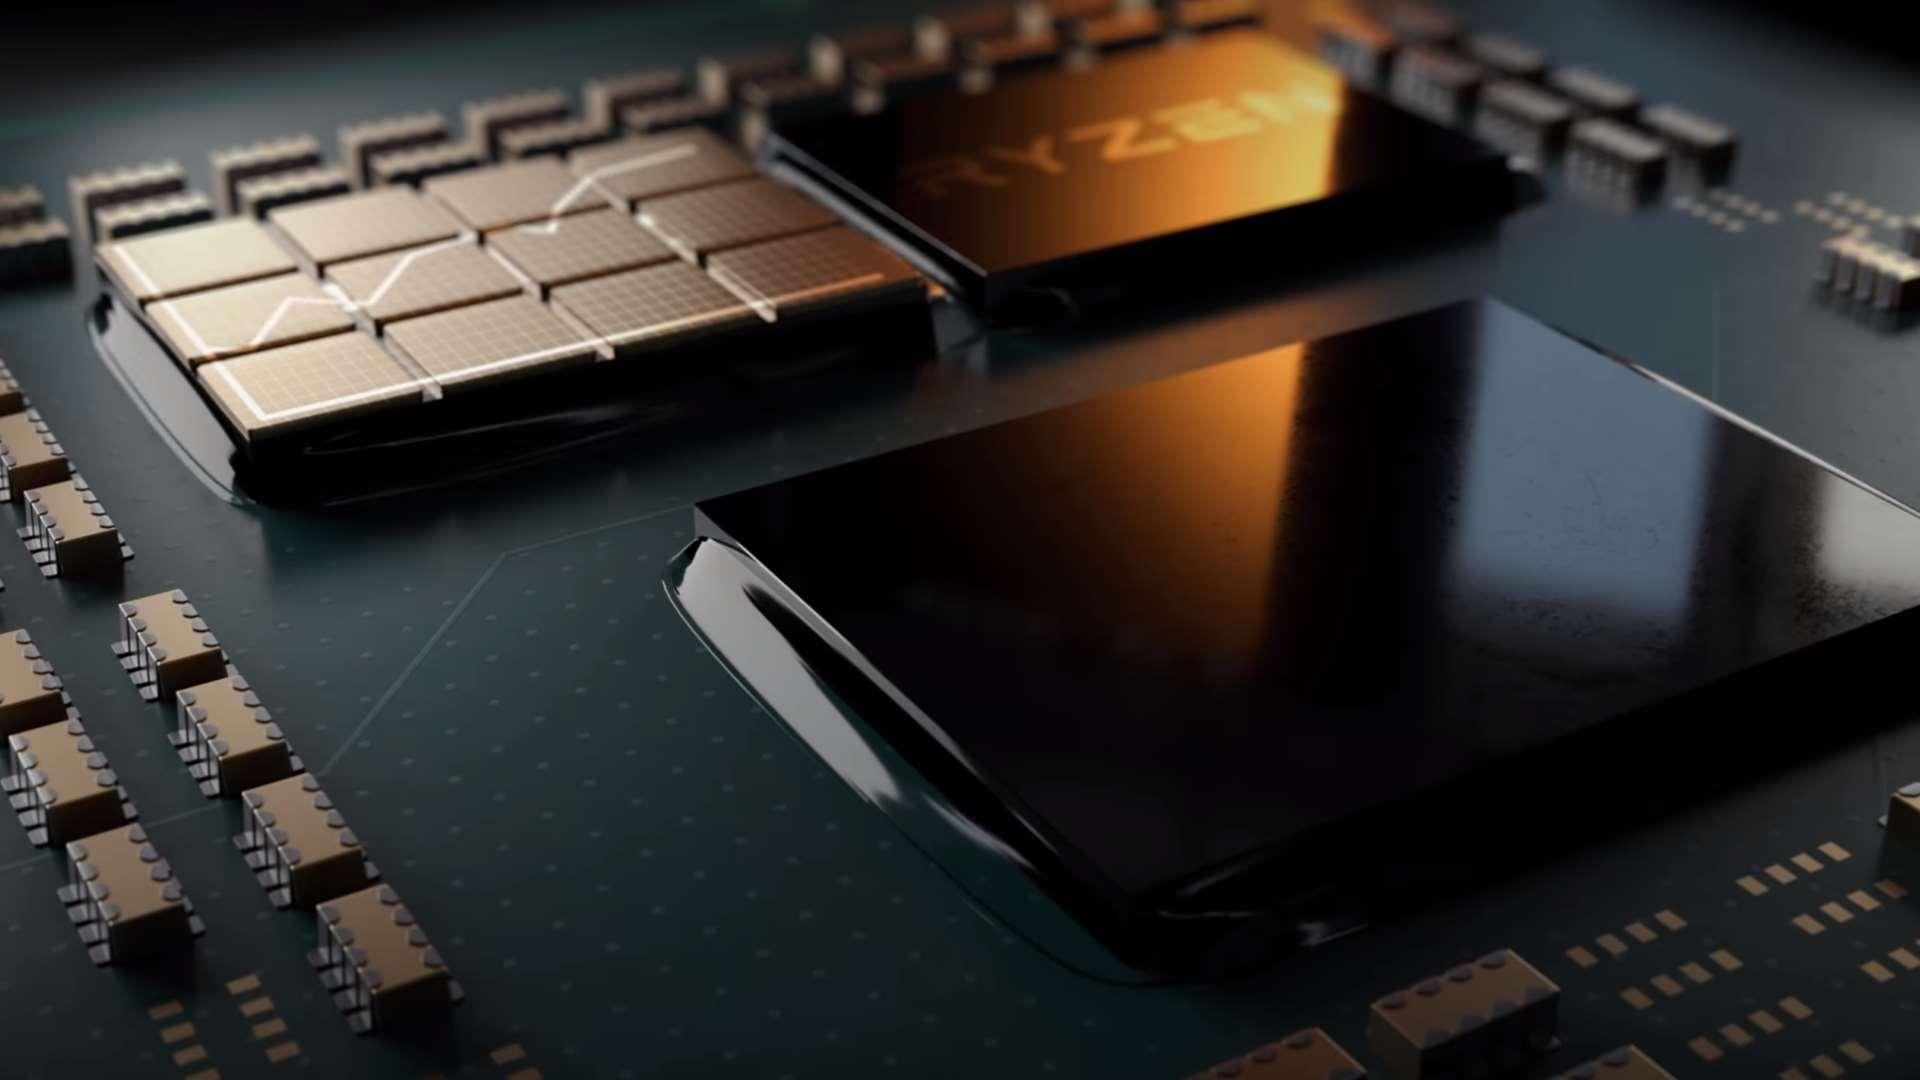 AMD announces third-gen Threadripper chips, delays Ryzen 9 3950X launch to November